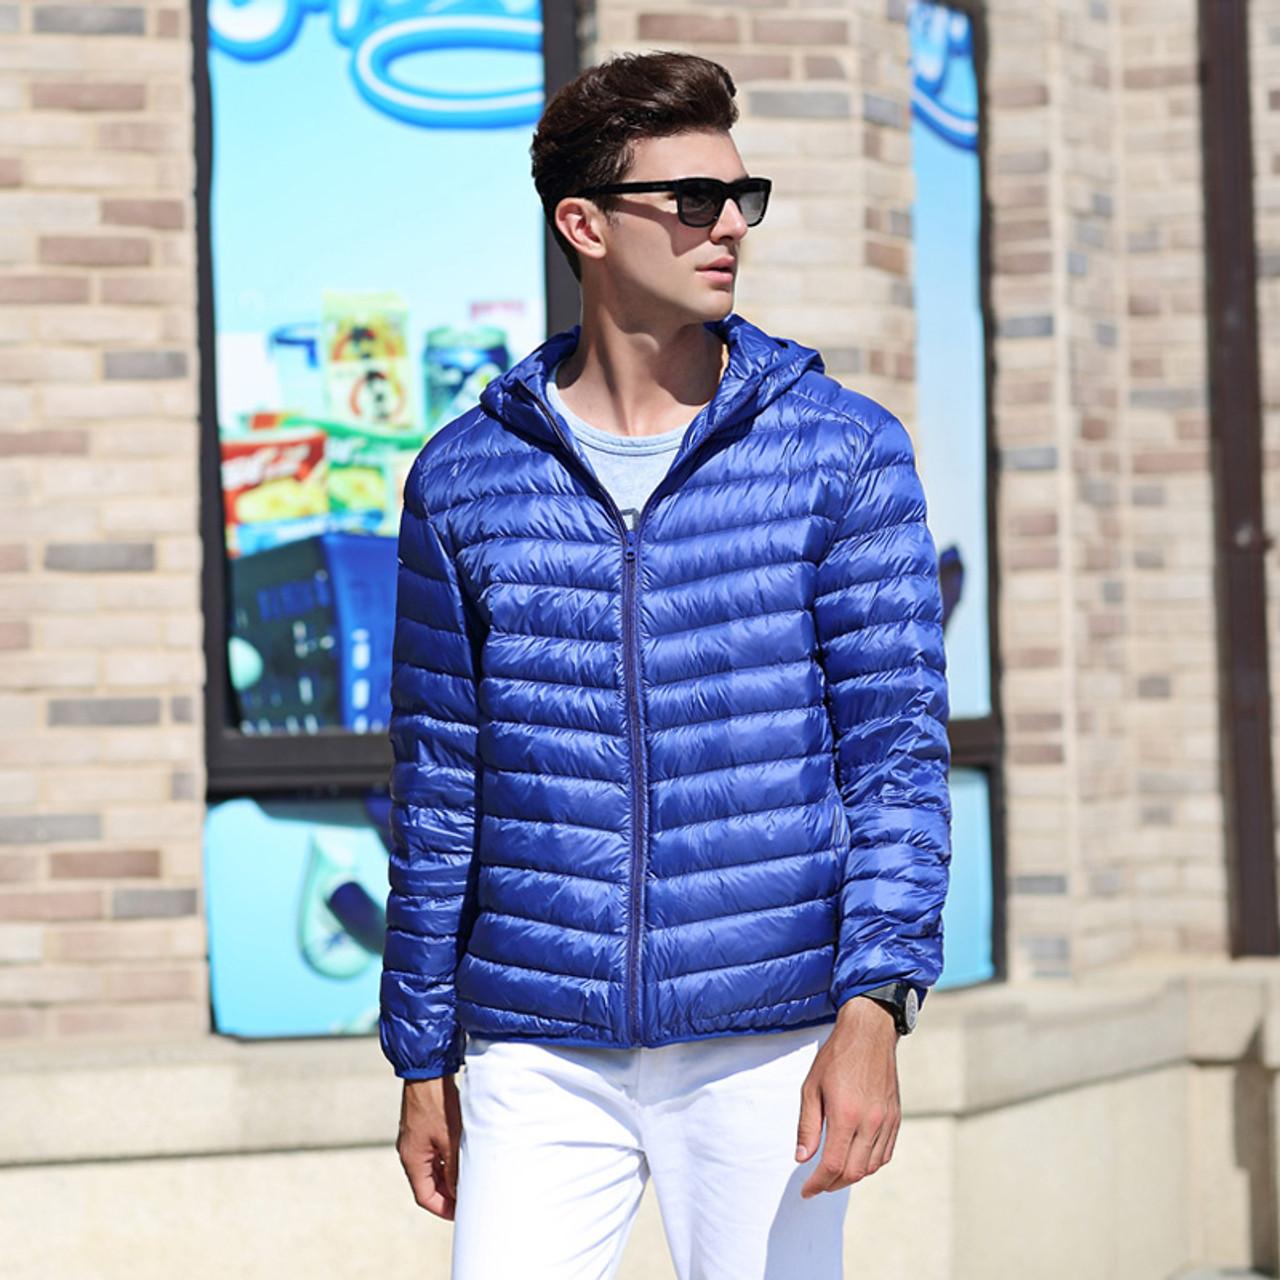 ec9b2bc42d5f ... AIRGRACIAS 2017 New Arrive White Duck Down Jacket Men Autumn Winter  Warm Coat Men s Light Thin ...